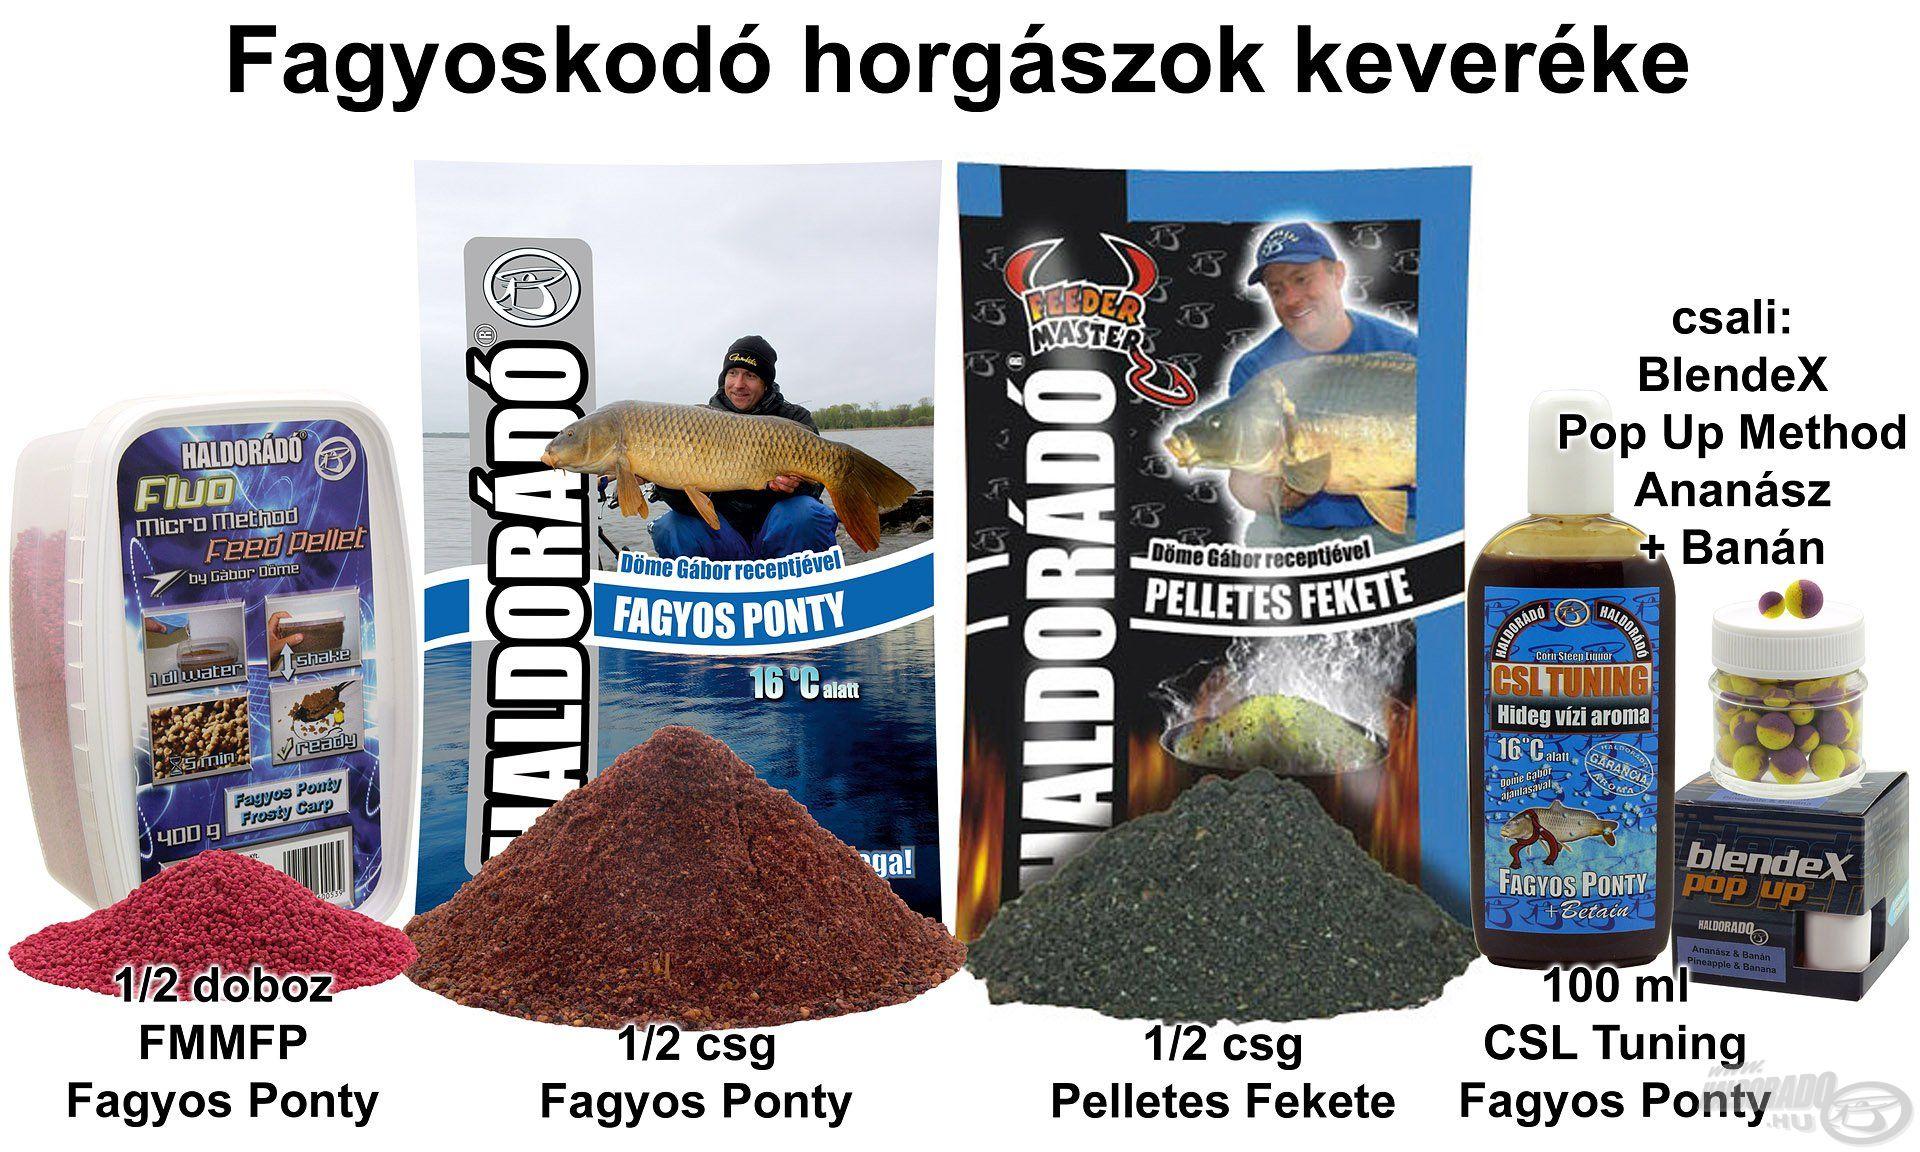 Fagyoskodó horgászok keveréke